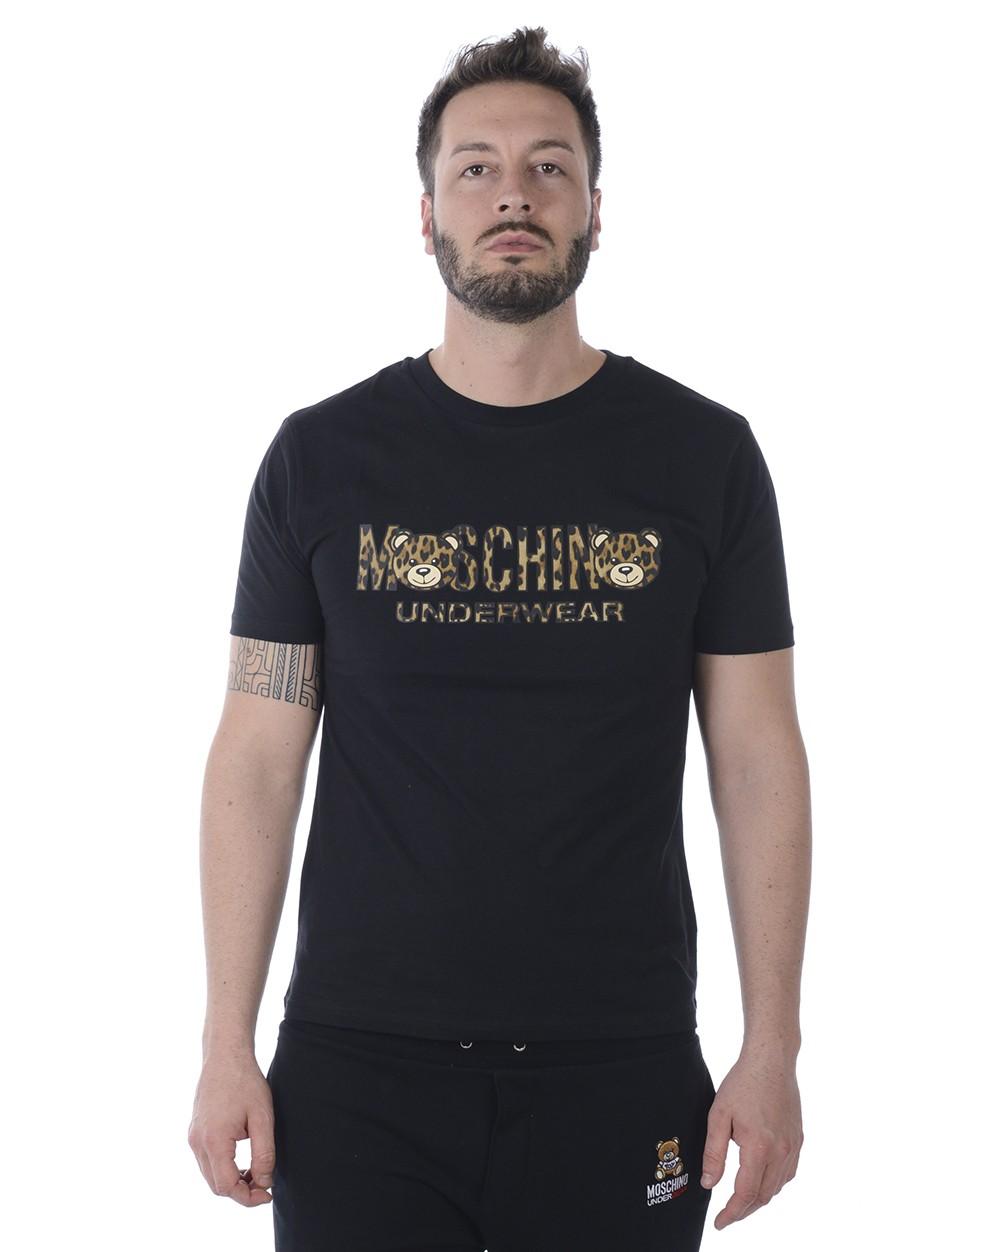 MOSCHINO UNDERWEAR T-SHIRT A19118130